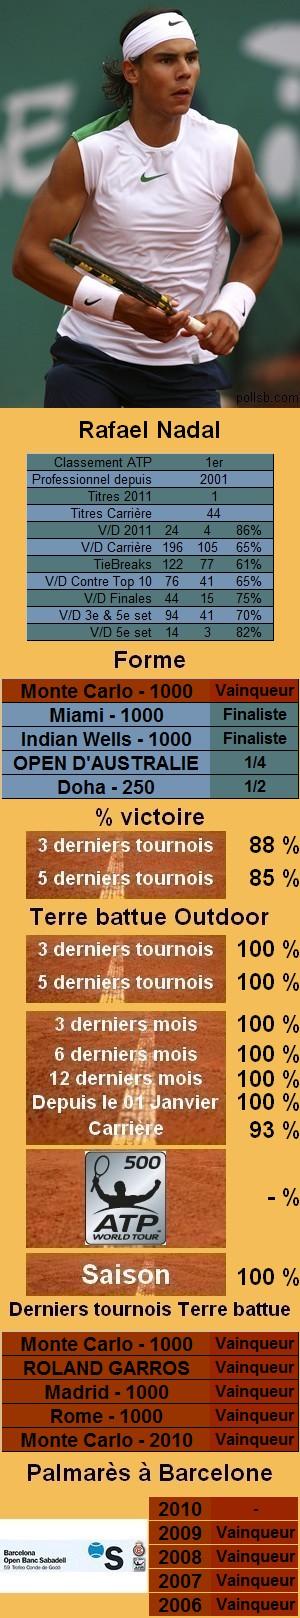 Les statistiques tennis de Rafael Nadal pour le tournoi de Barcelone